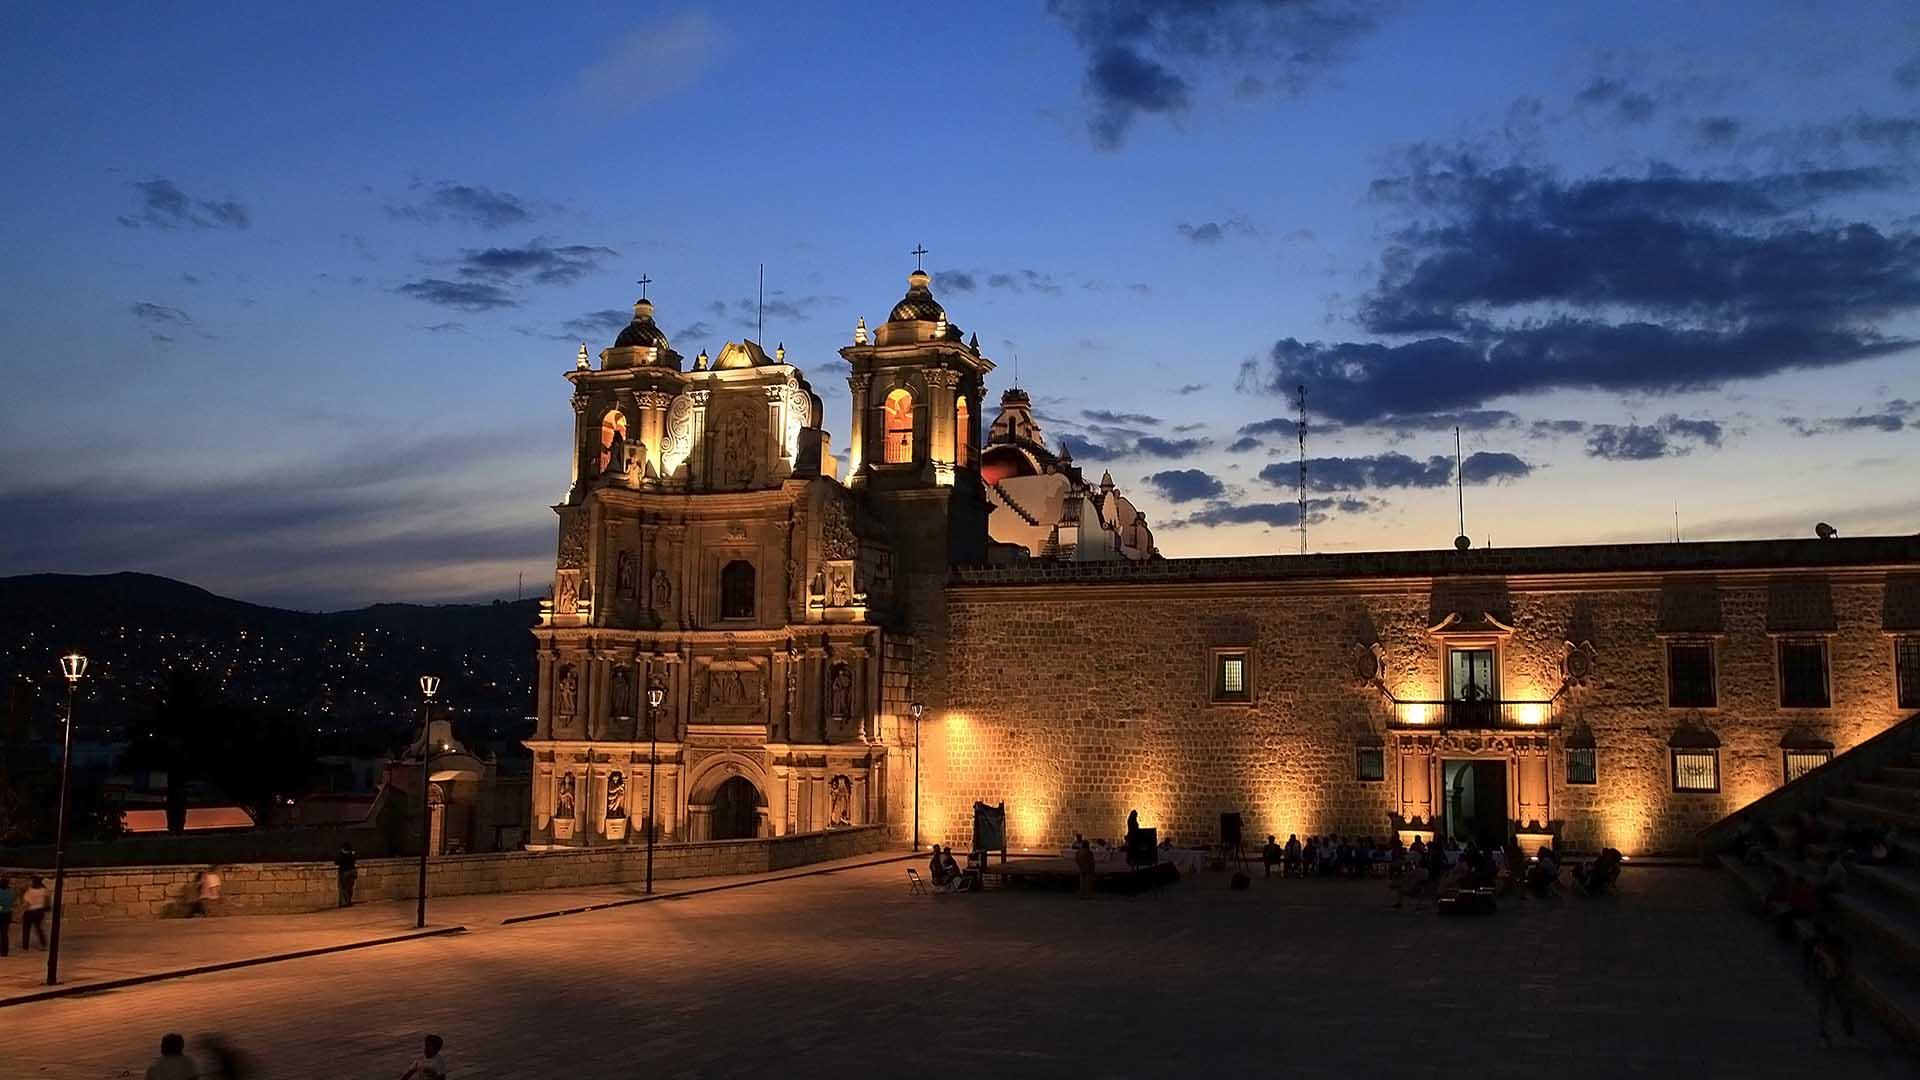 mejores-lugares-mundo-viajar-destinos-2018-mexico-national-geographic